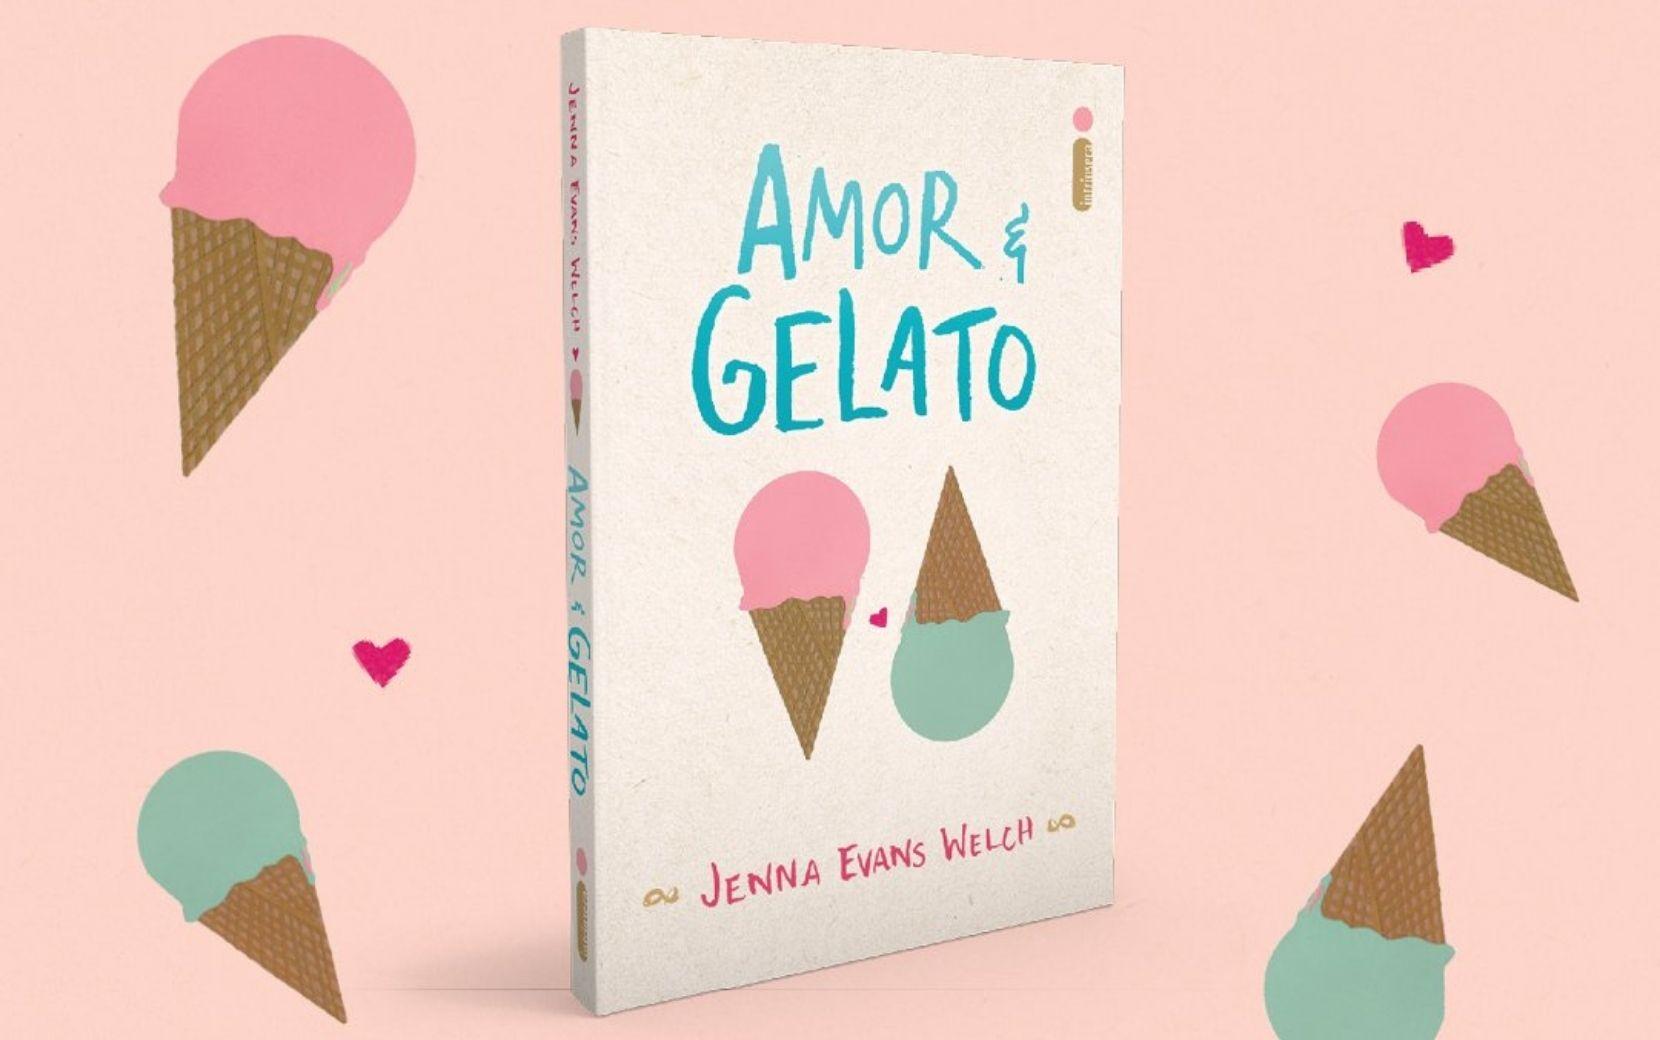 """Exclusiva: Jenna Evans Welch, autora de """"Amor & Gelato"""", fala sobre seu novo lançamento e dá conselho amoroso!"""